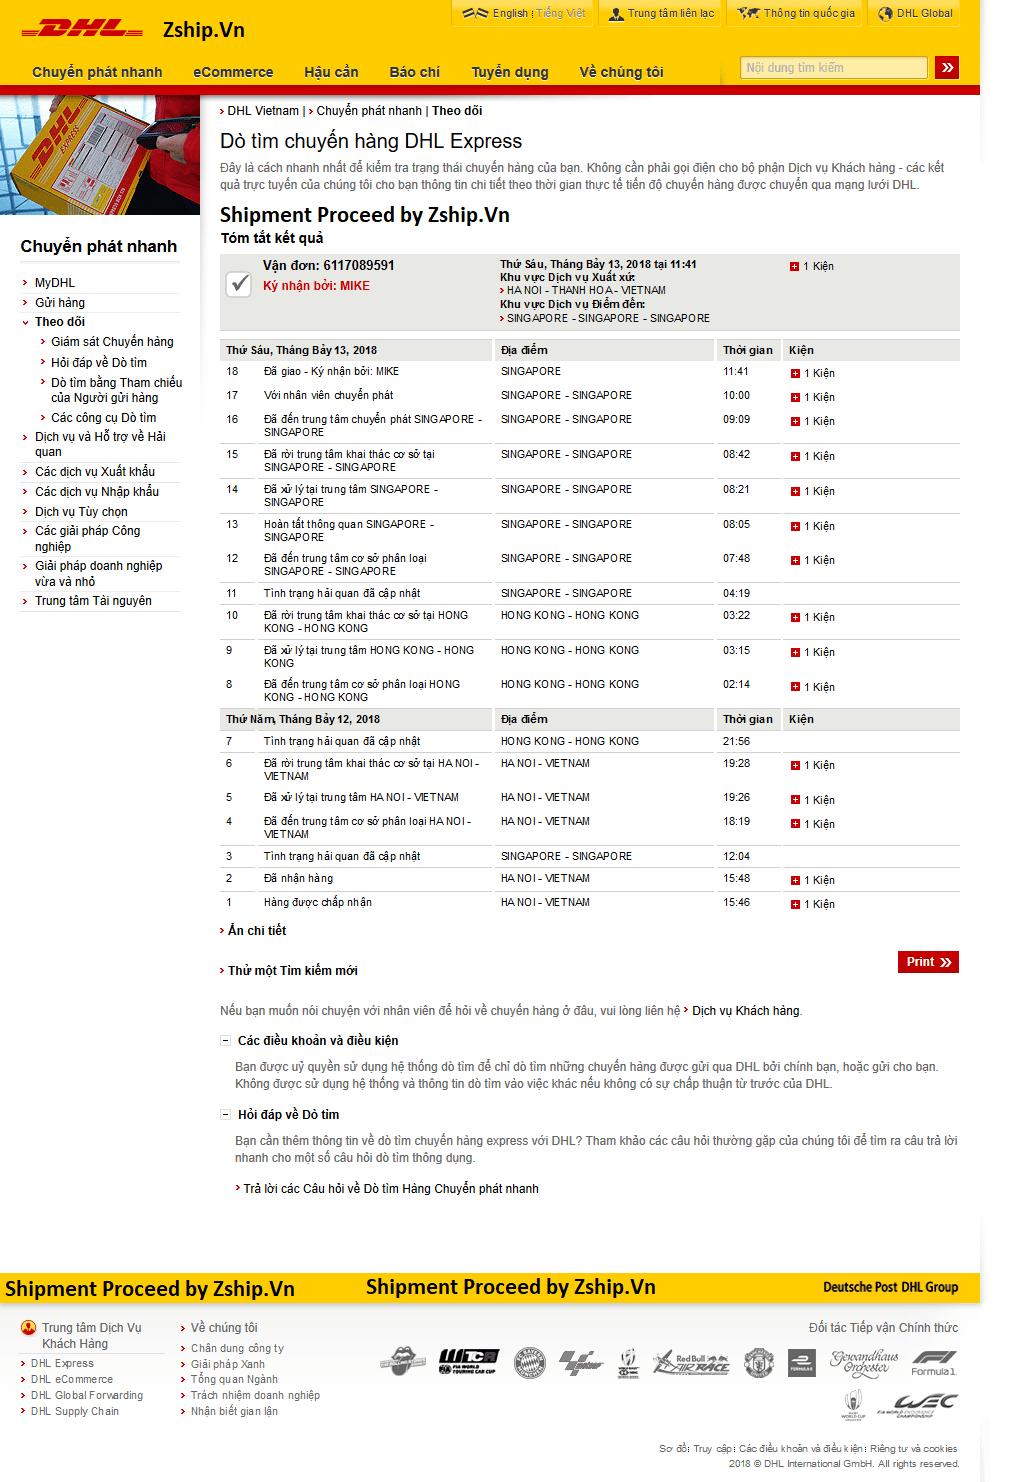 Hệ thống tracking DHL